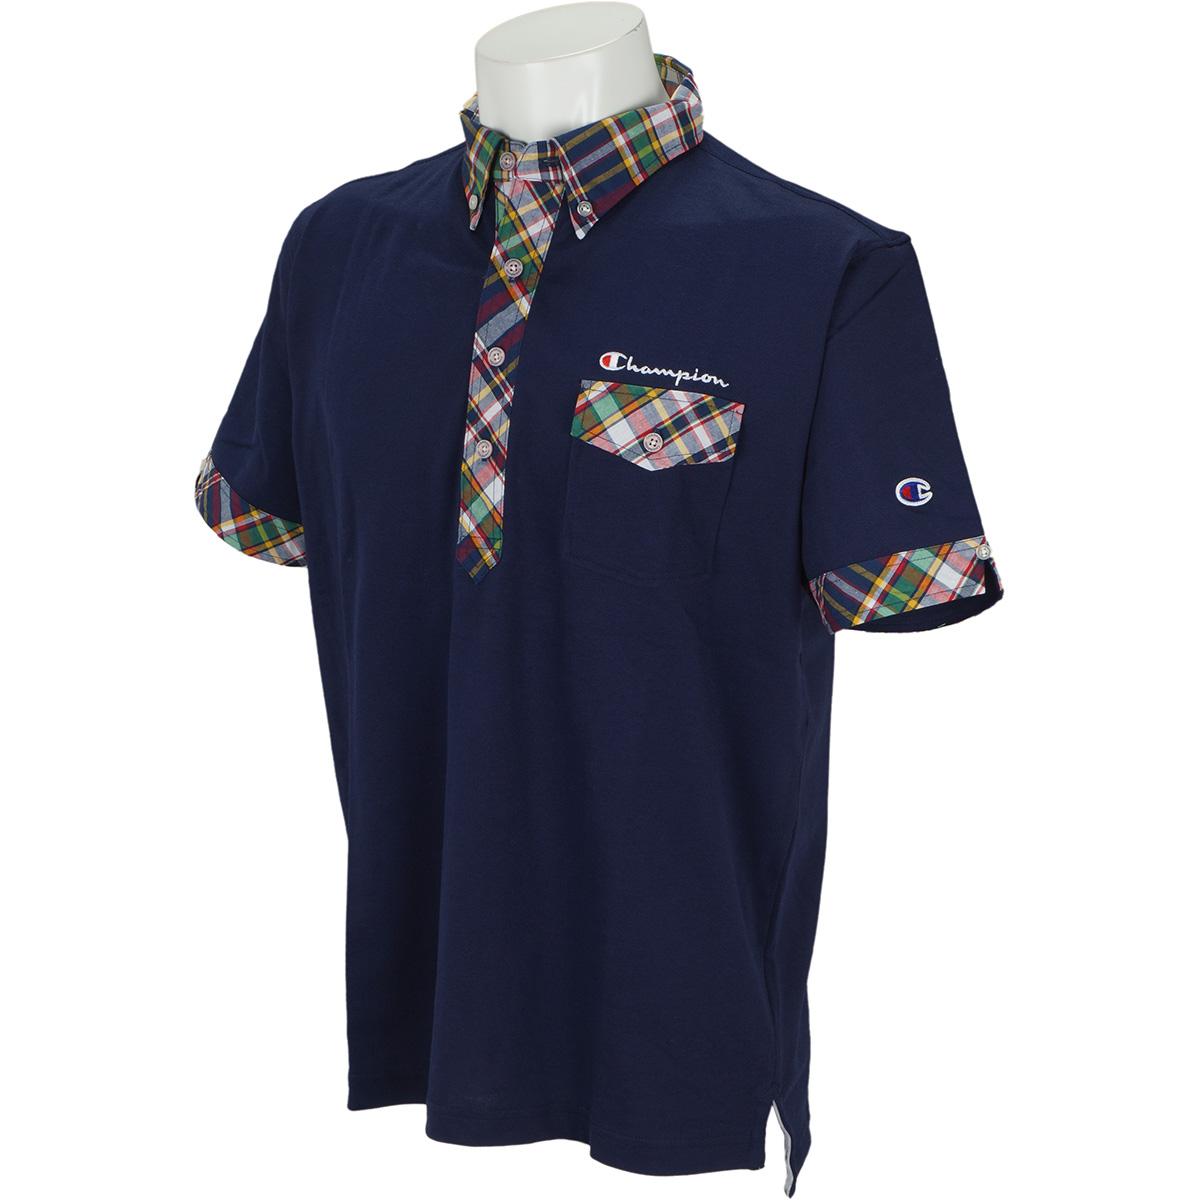 ストレッチ ワイドシルエット アメリカンチェック襟 半袖ポロシャツ